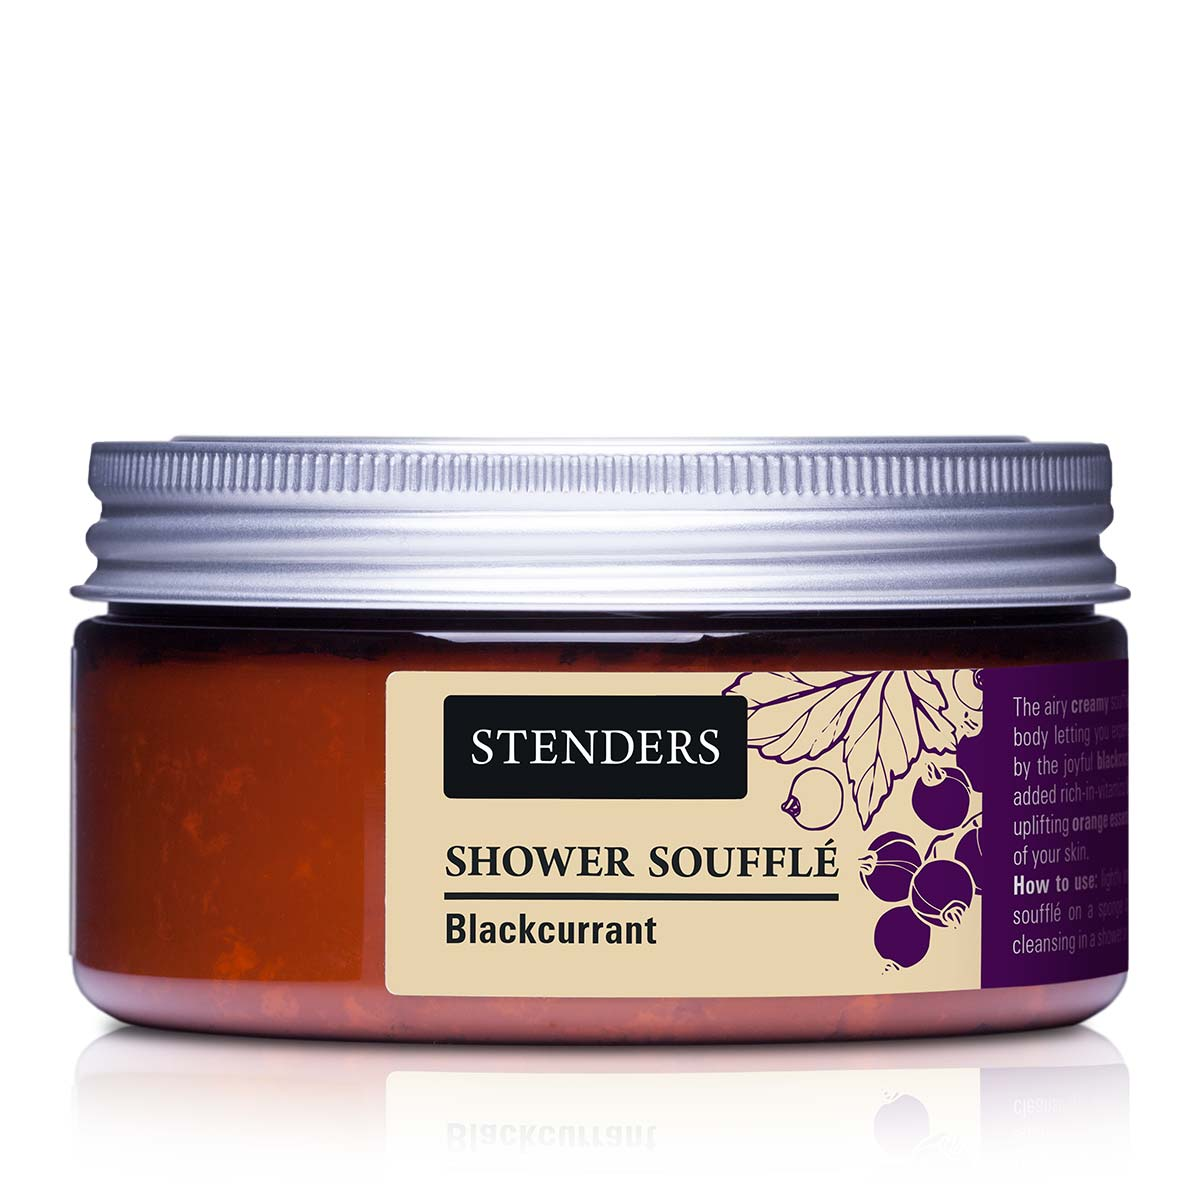 Stenders Черносмородиновый мусс для душа, 110 г67104755_newБлагодаря воздушной пене мусс нежно очистит кожу тела и подарит ей приятный аромат ягод черной смородины. Для красоты кожи мы добавили богатый витаминами экстракт черной смородины и бодрящее апельсиновое эфирное масло.